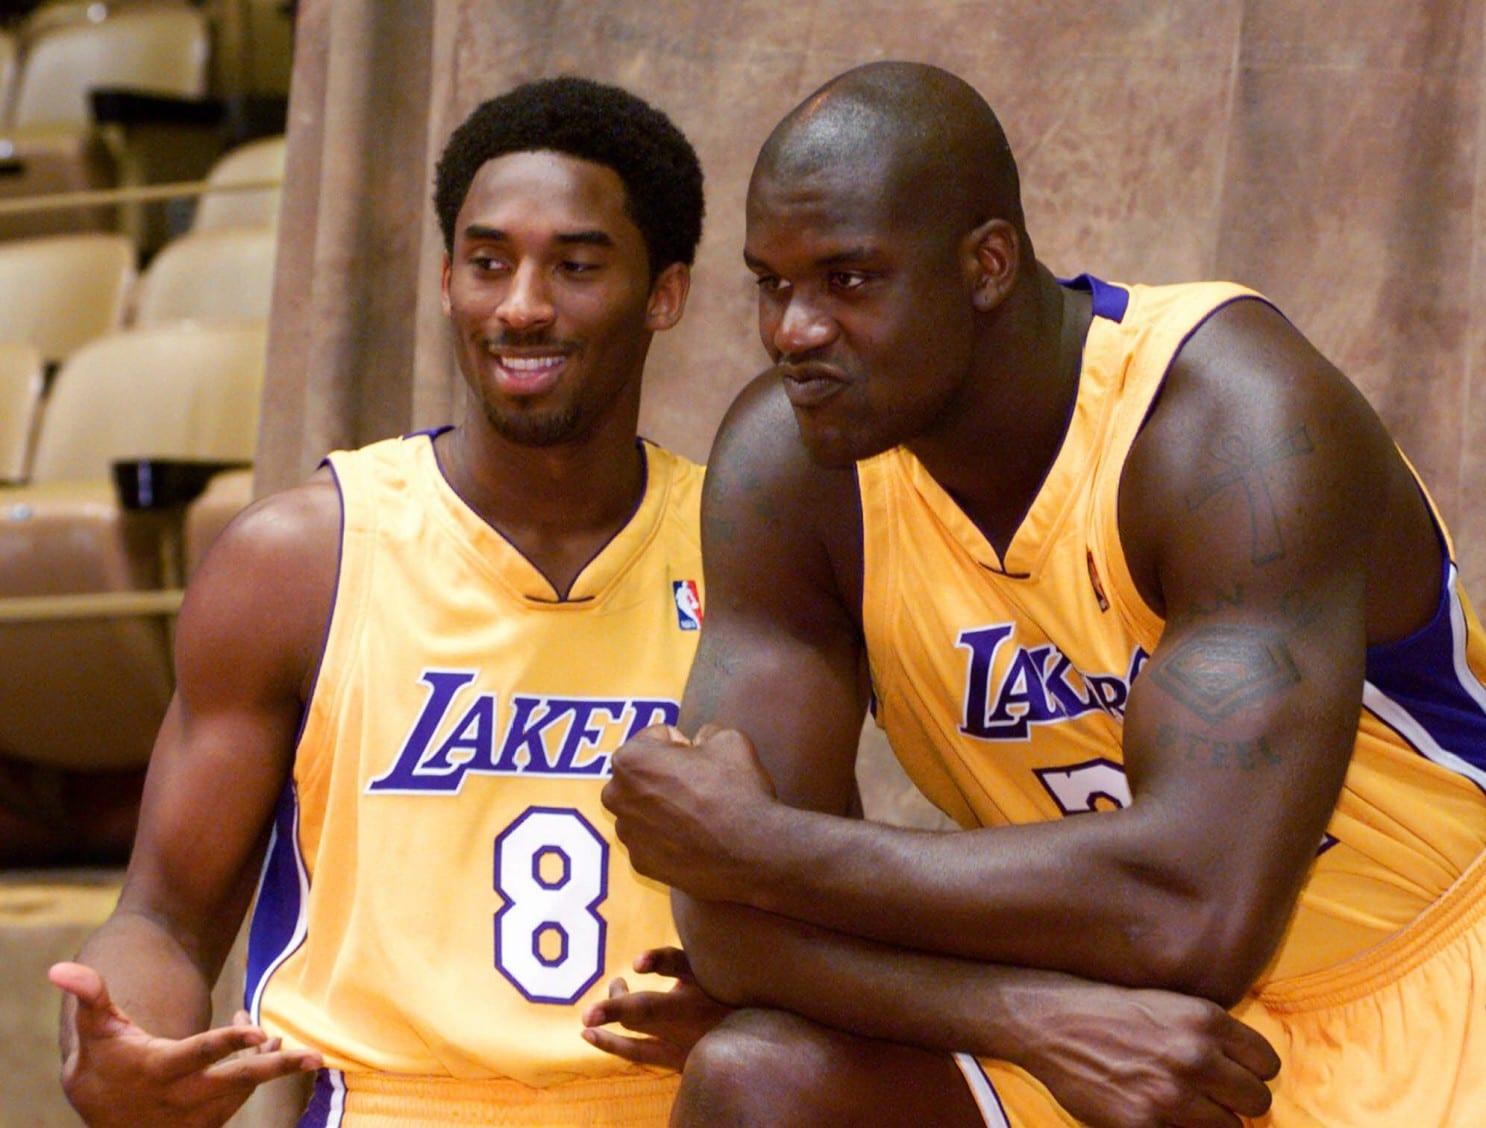 Shaq and Kobe Lakers